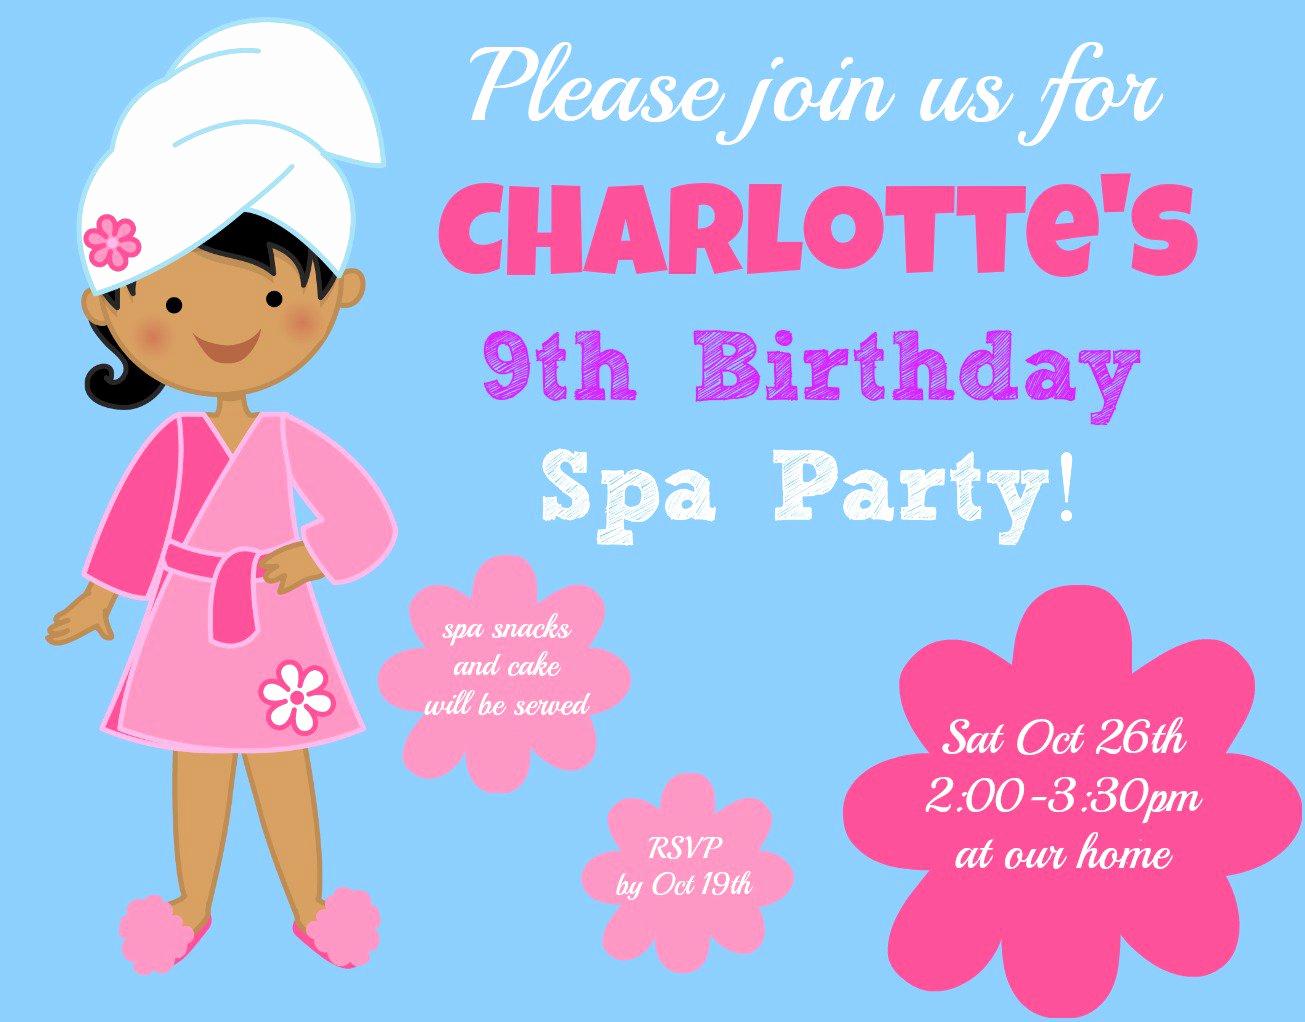 10th Birthday Invitation Wording Unique 10th Birthday Party Invitation Wording